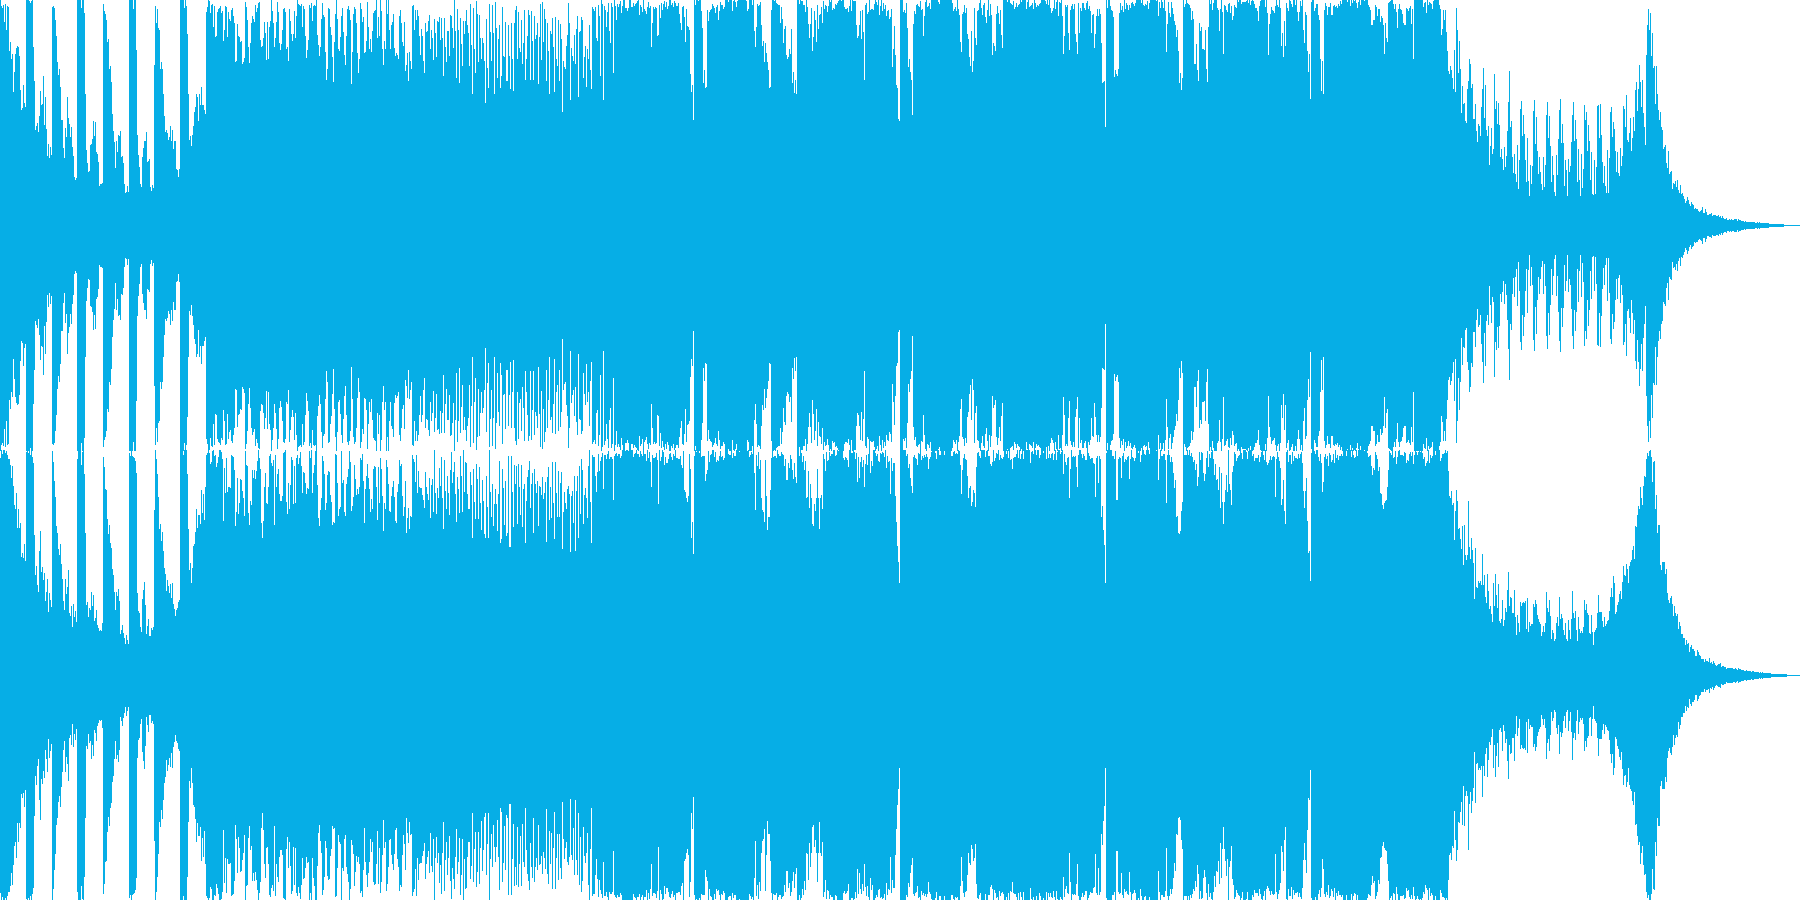 ダーティーでアブストラクトなダブステップの再生済みの波形